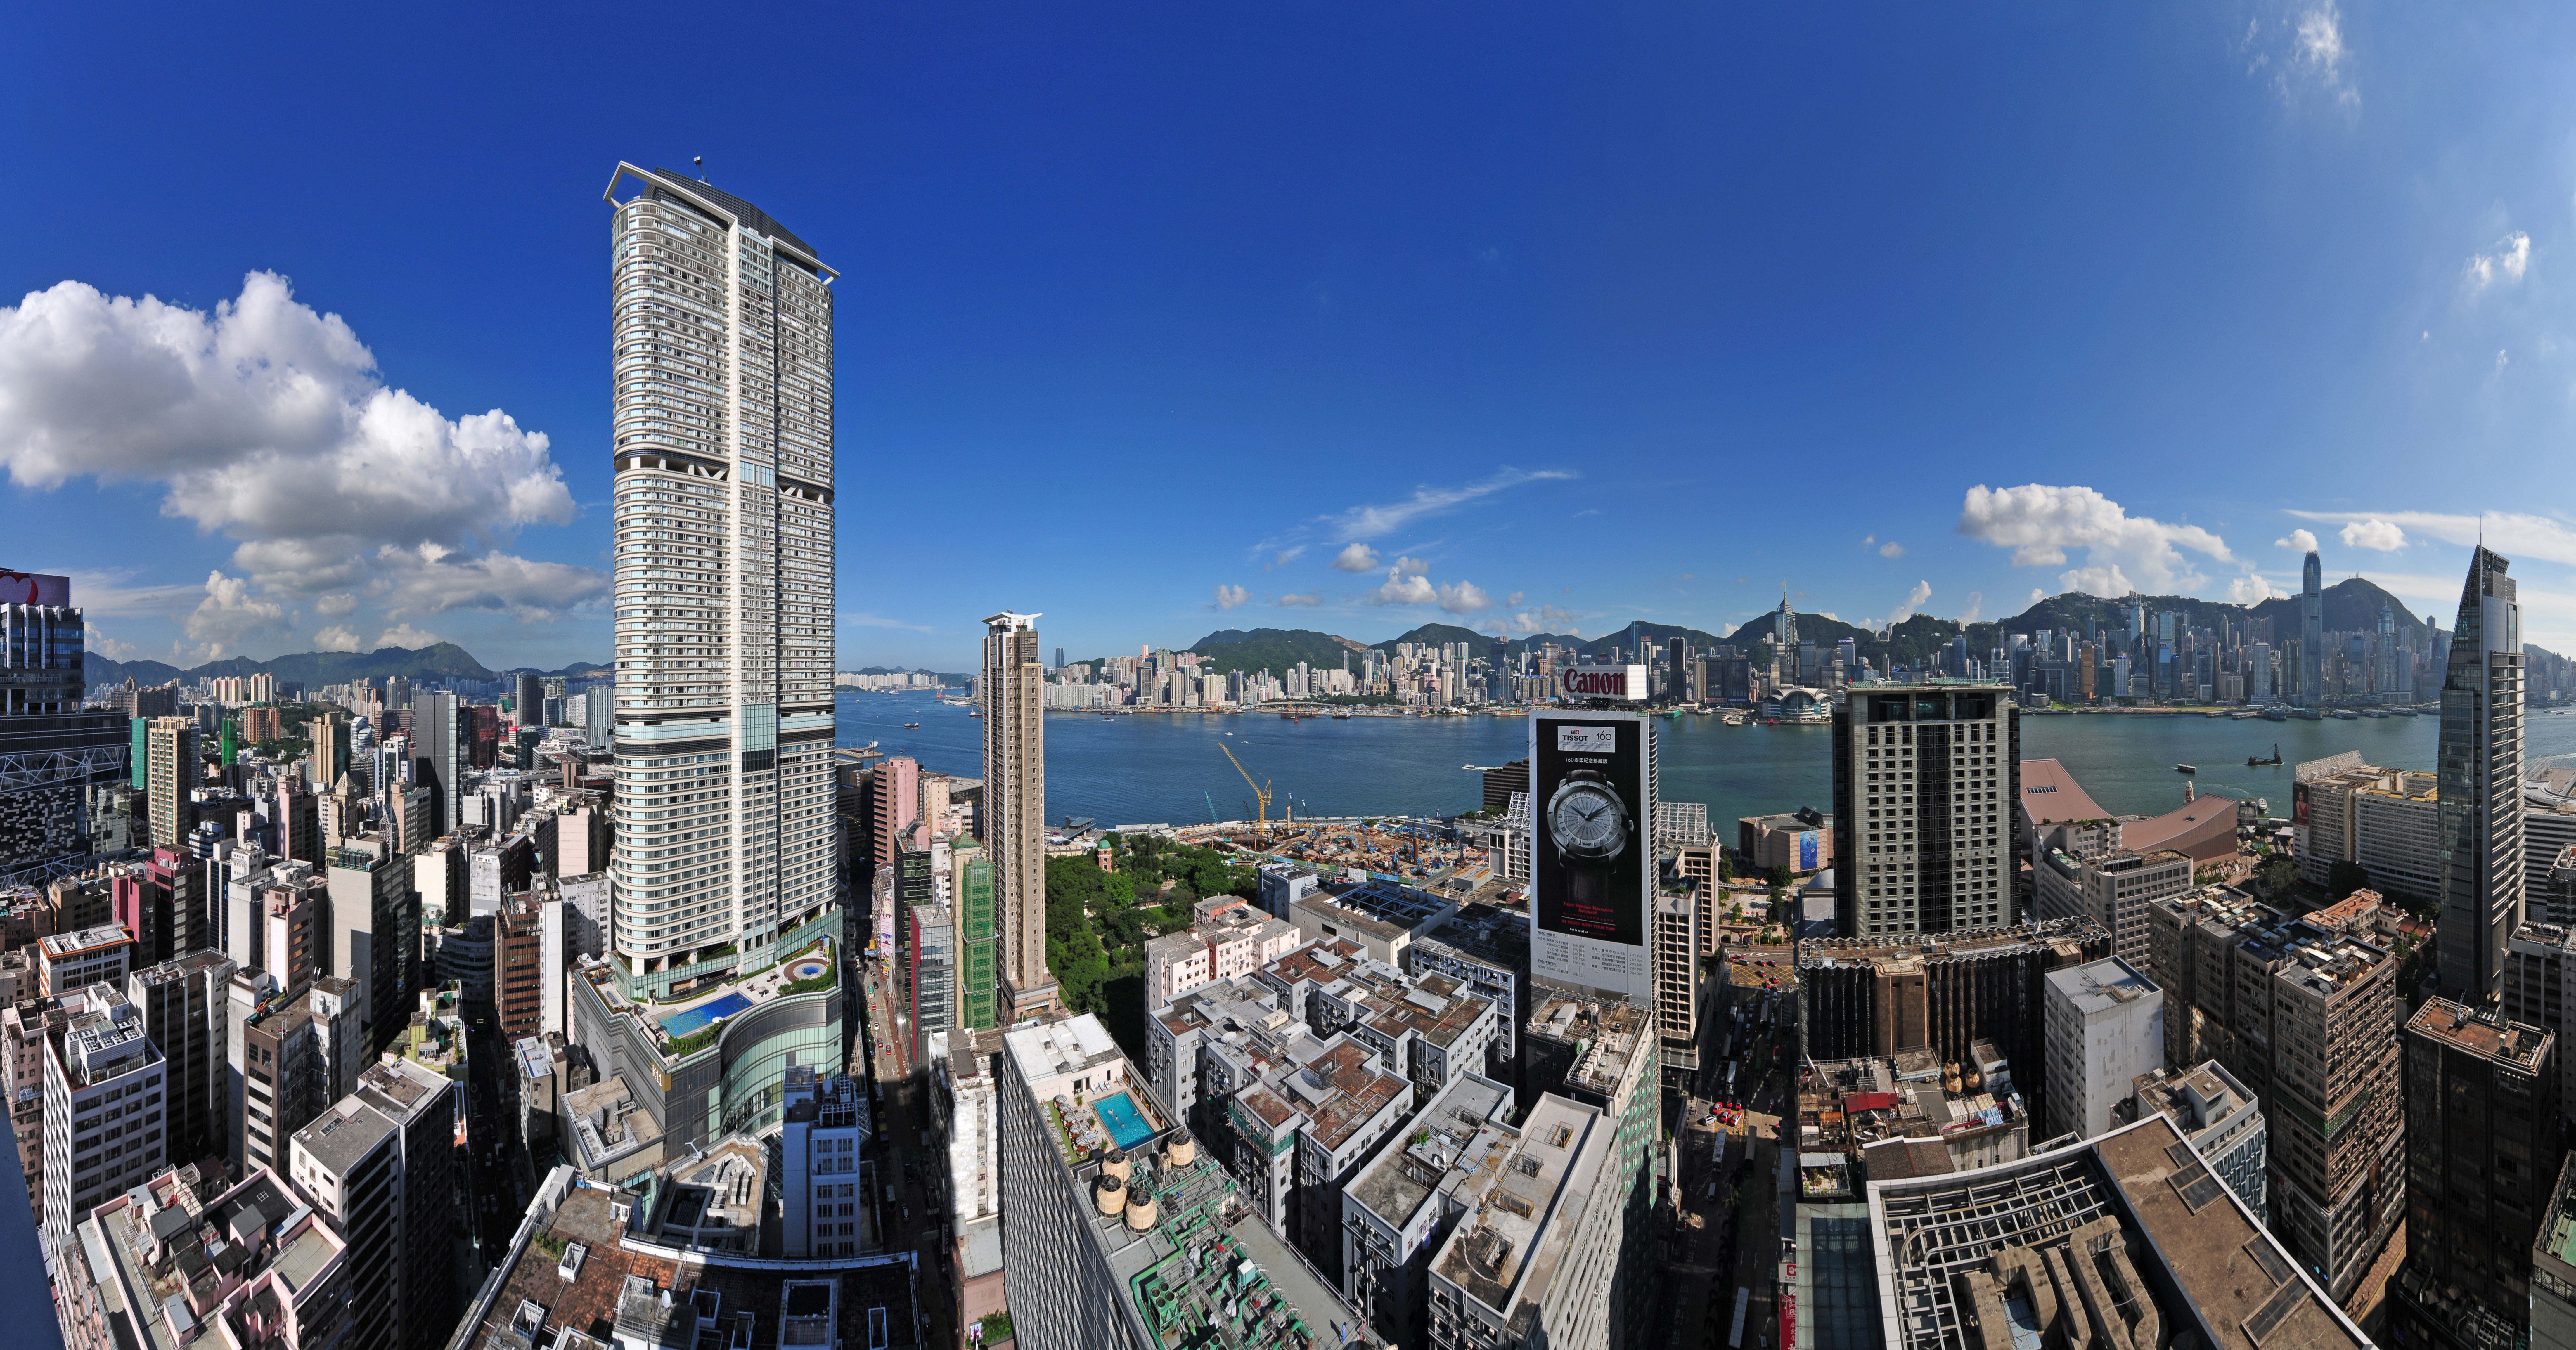 檔案 13 08 08 Hongkong By Ralfr Panorama2 Jpg 維基百科,自由的百科全書